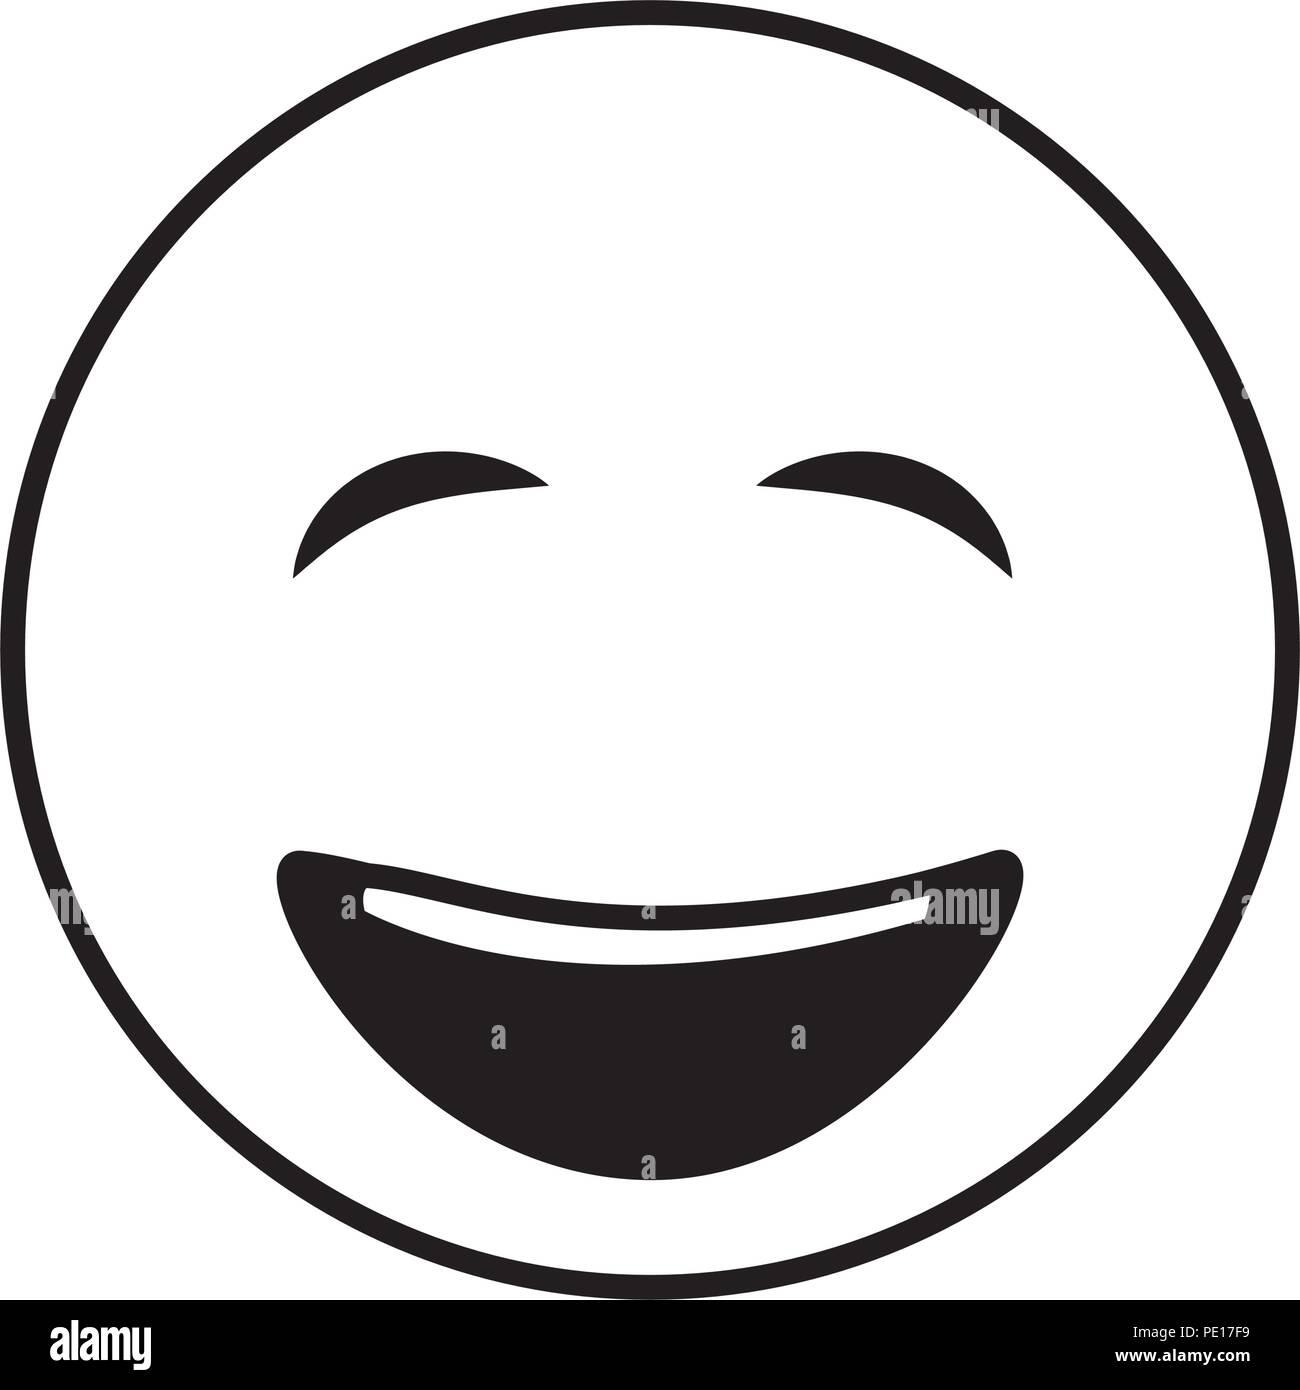 Smiley Emoticon Gros Yeux Fermes Heureux Vector Illustration Noir Et Blanc Image Vectorielle Stock Alamy